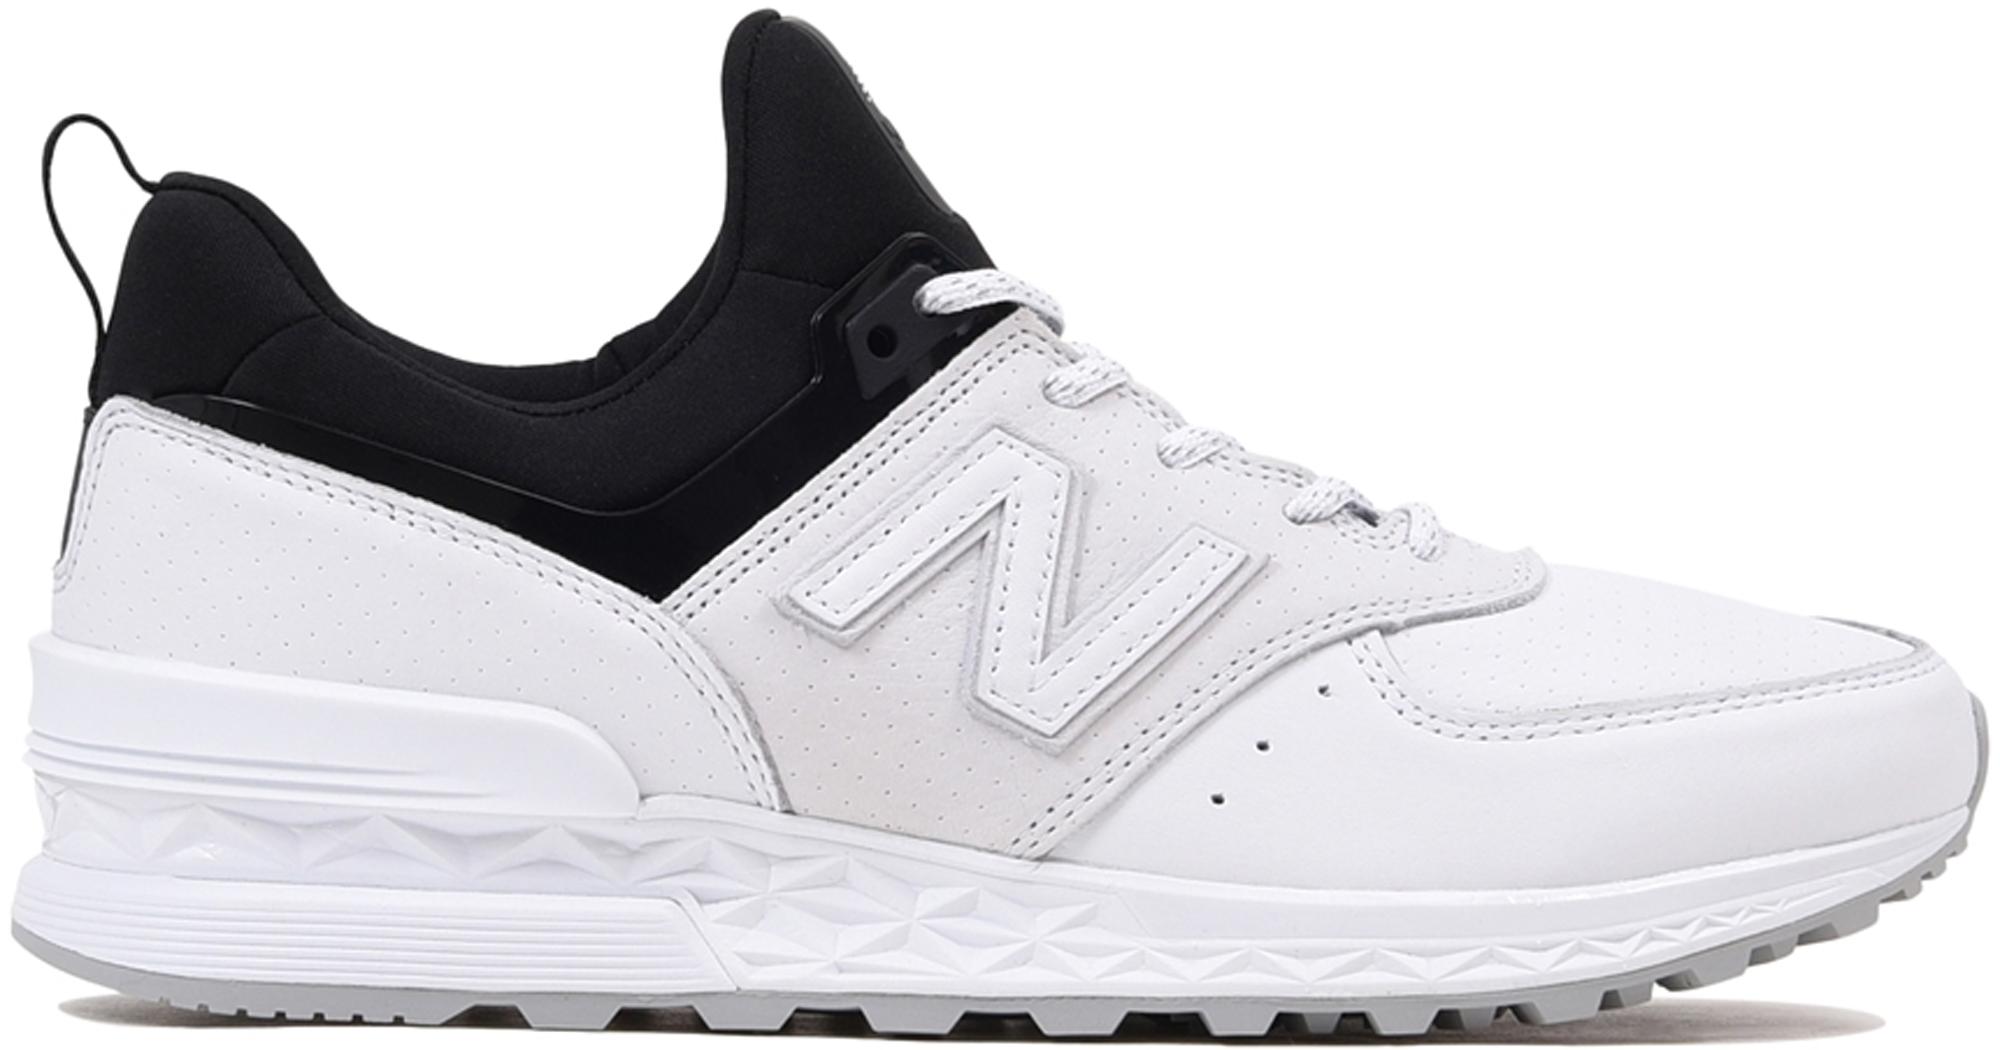 New Balance 574 Sport N. Hoolywood White Black